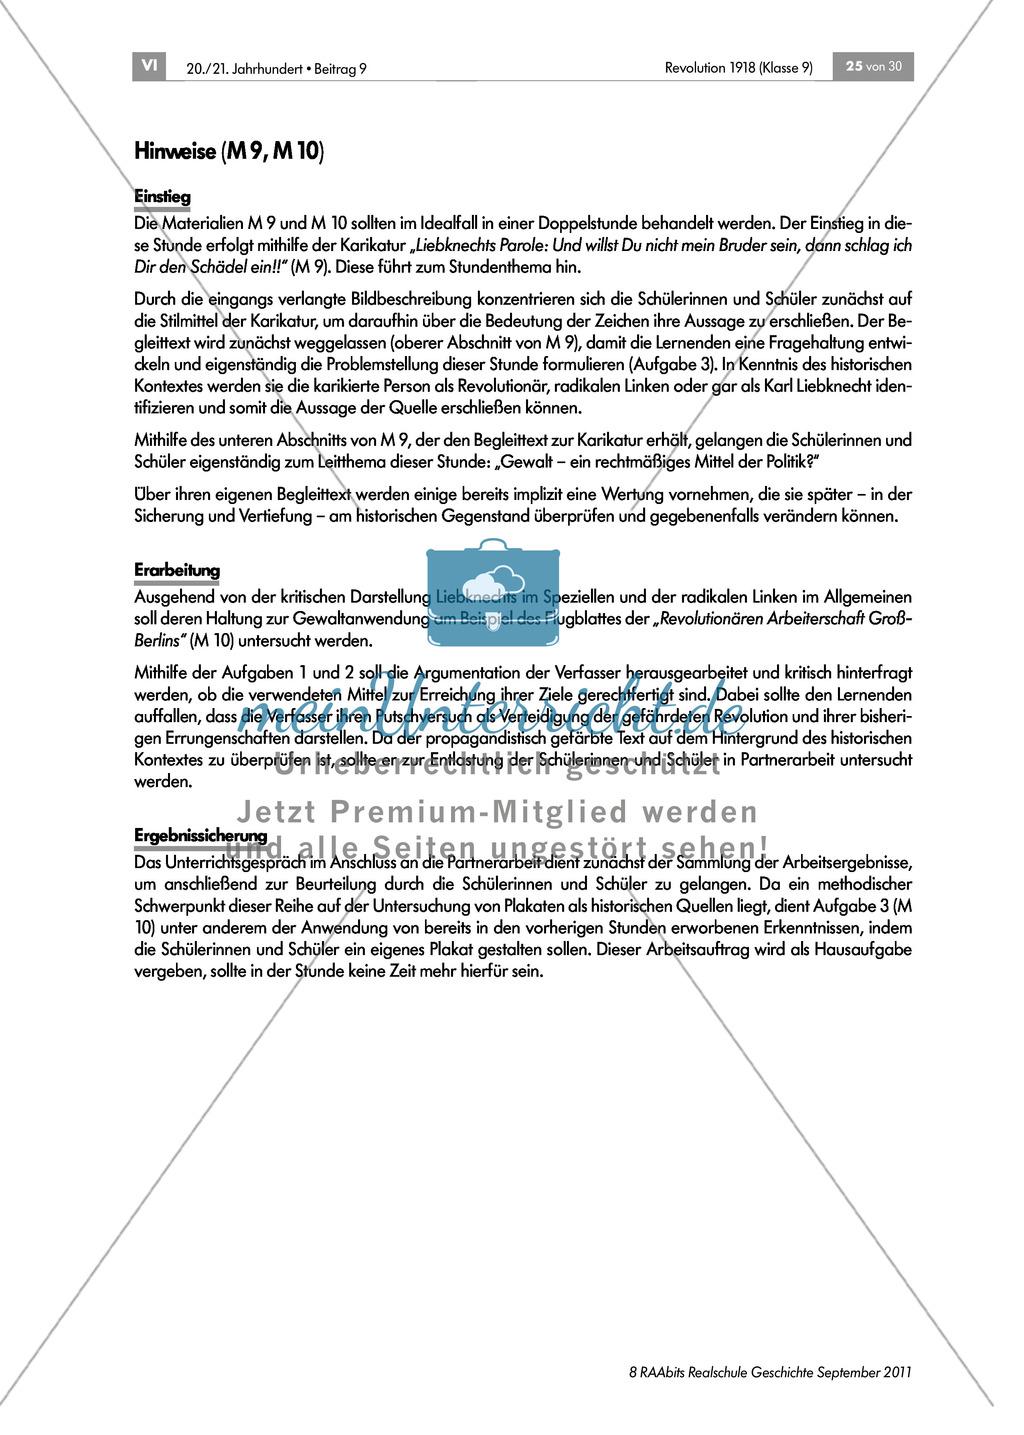 Quellen, Plakate, Flugblätter zum Spartakusbund und zur KPD in der Weimarer Republik mit Aufgaben Preview 7